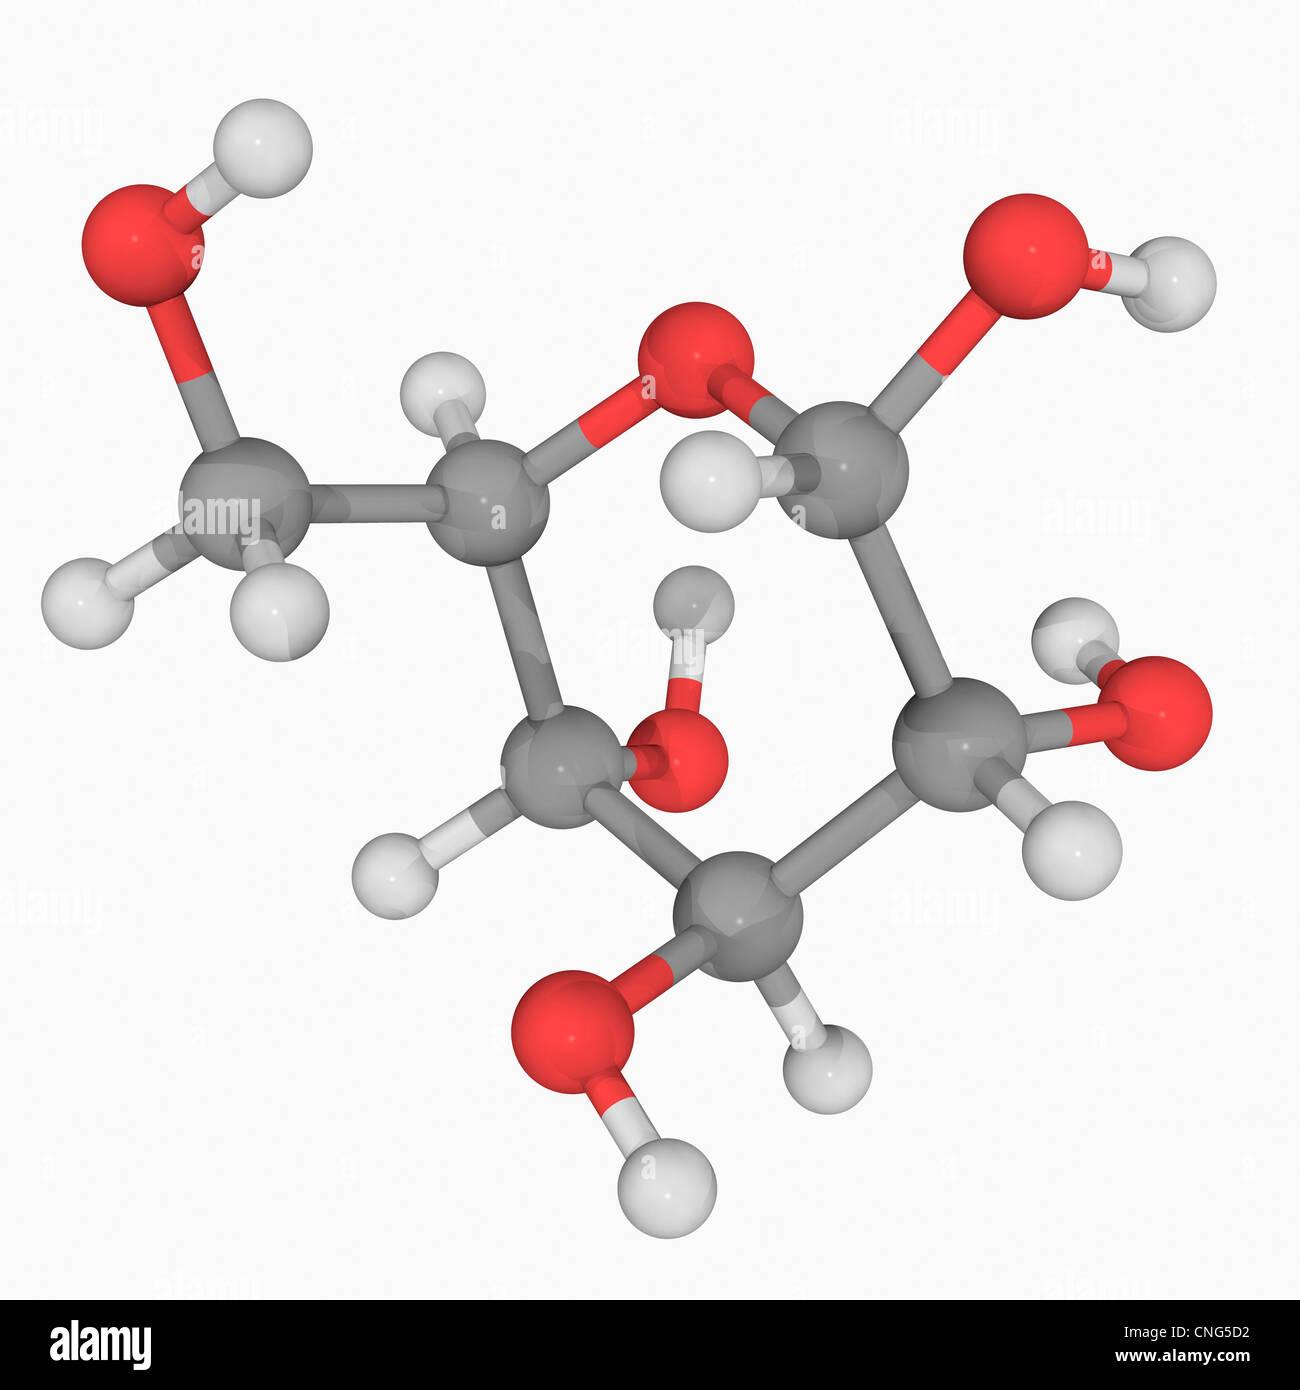 L-glucose molecule - Stock Image